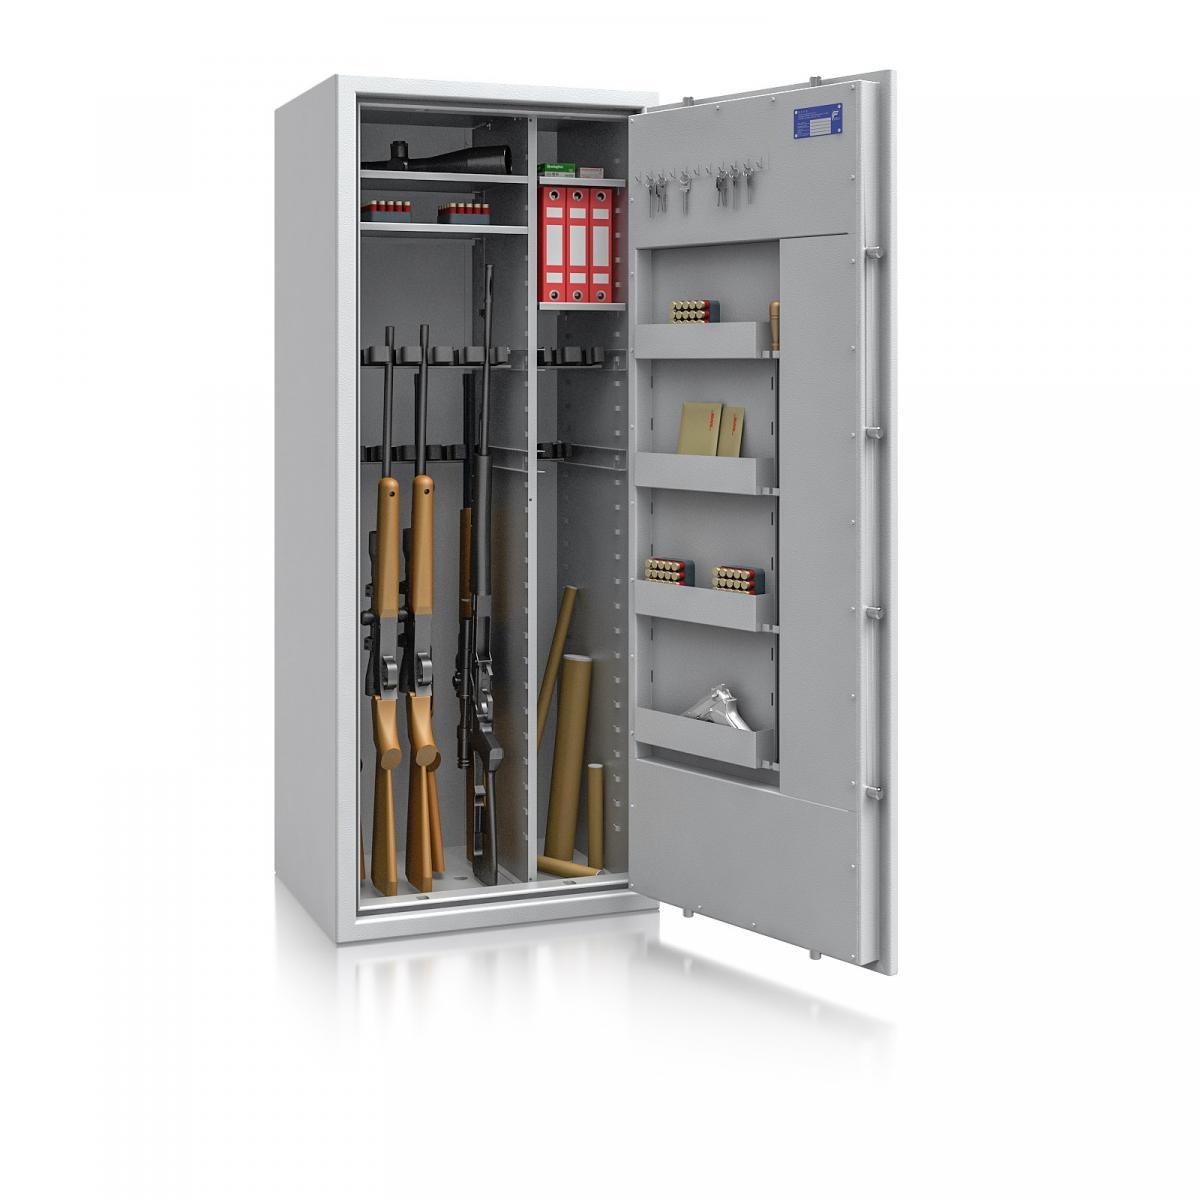 Waffenschrank St. Gallen WF MAX Kombi 3 - 1600x655x500 / 247kg 56469 / Klasse I / RAL7035 / Schlüssel / DIN R / mit Trennw.